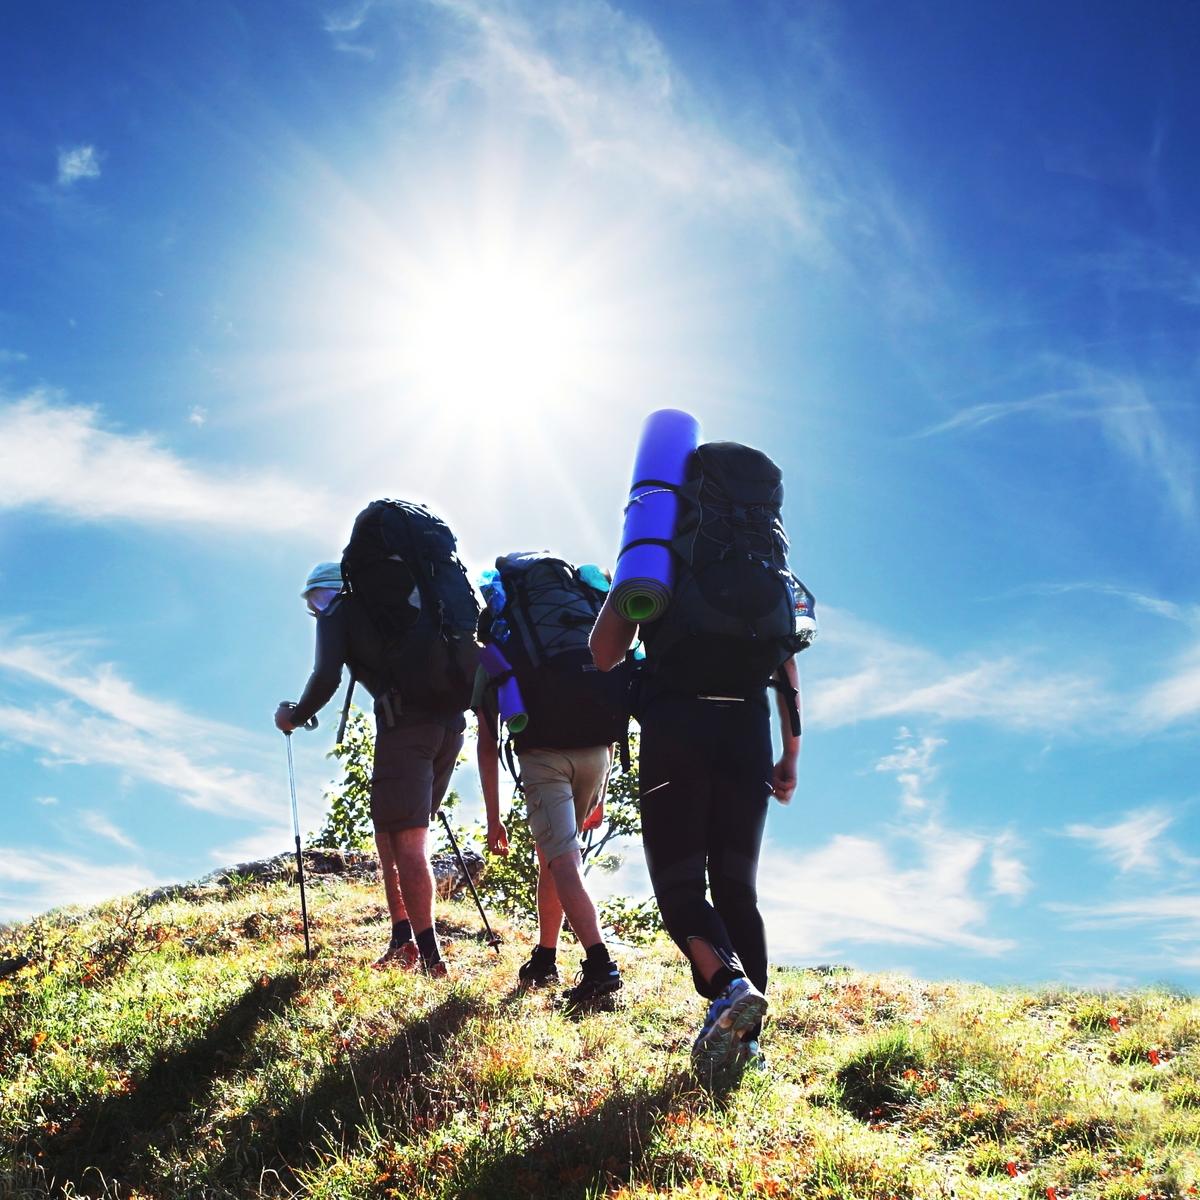 Παρέα σε πεζοπορία - συμβουλές και tips για πράσινα ταξίδια το 2020